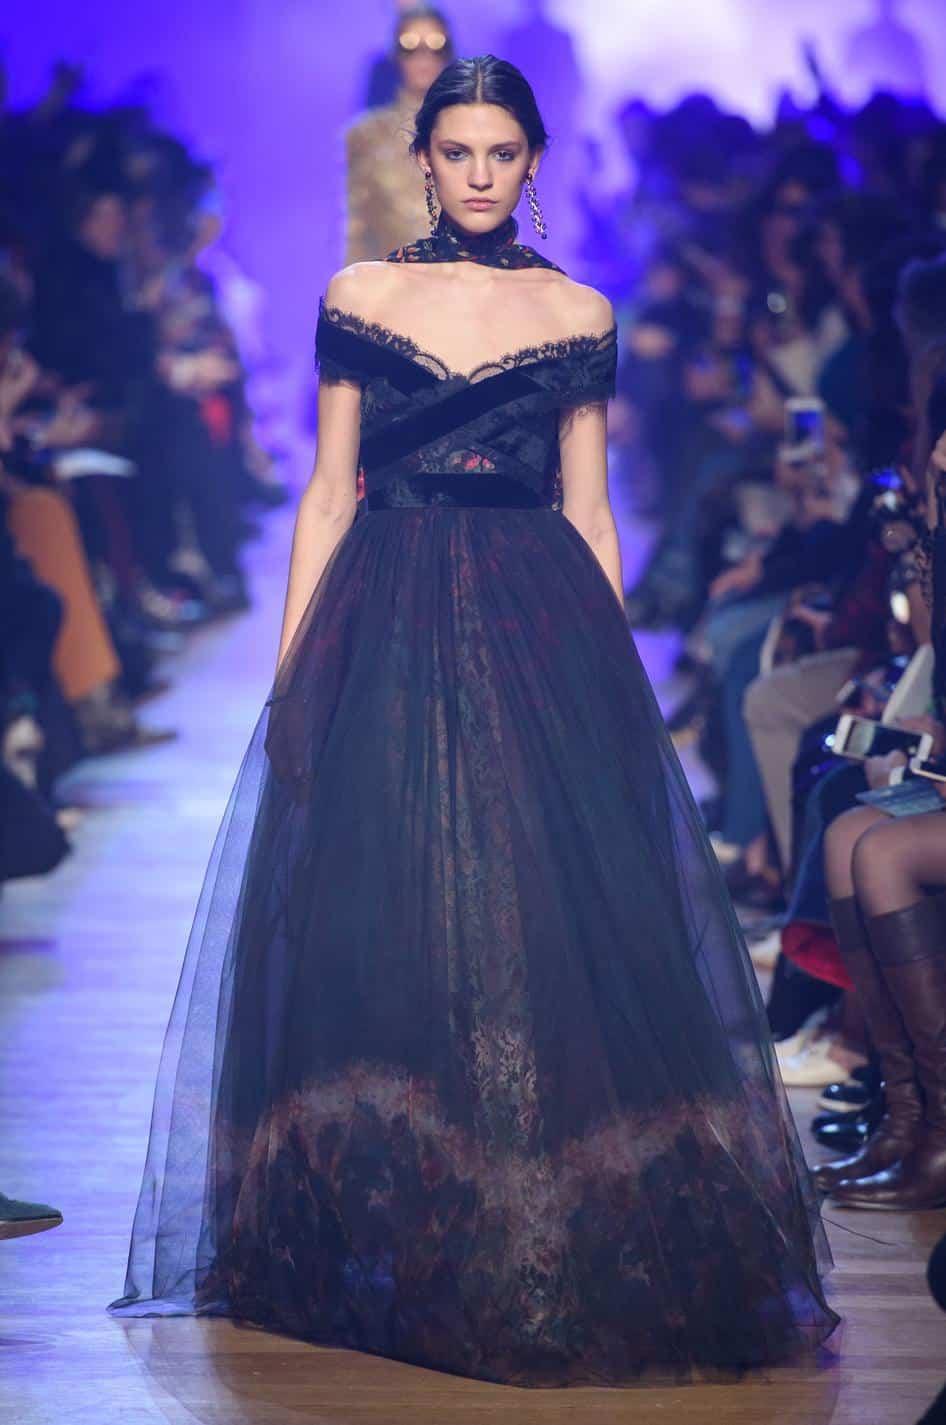 أجمل فساتين ملكة : فستان أسود للسهرات